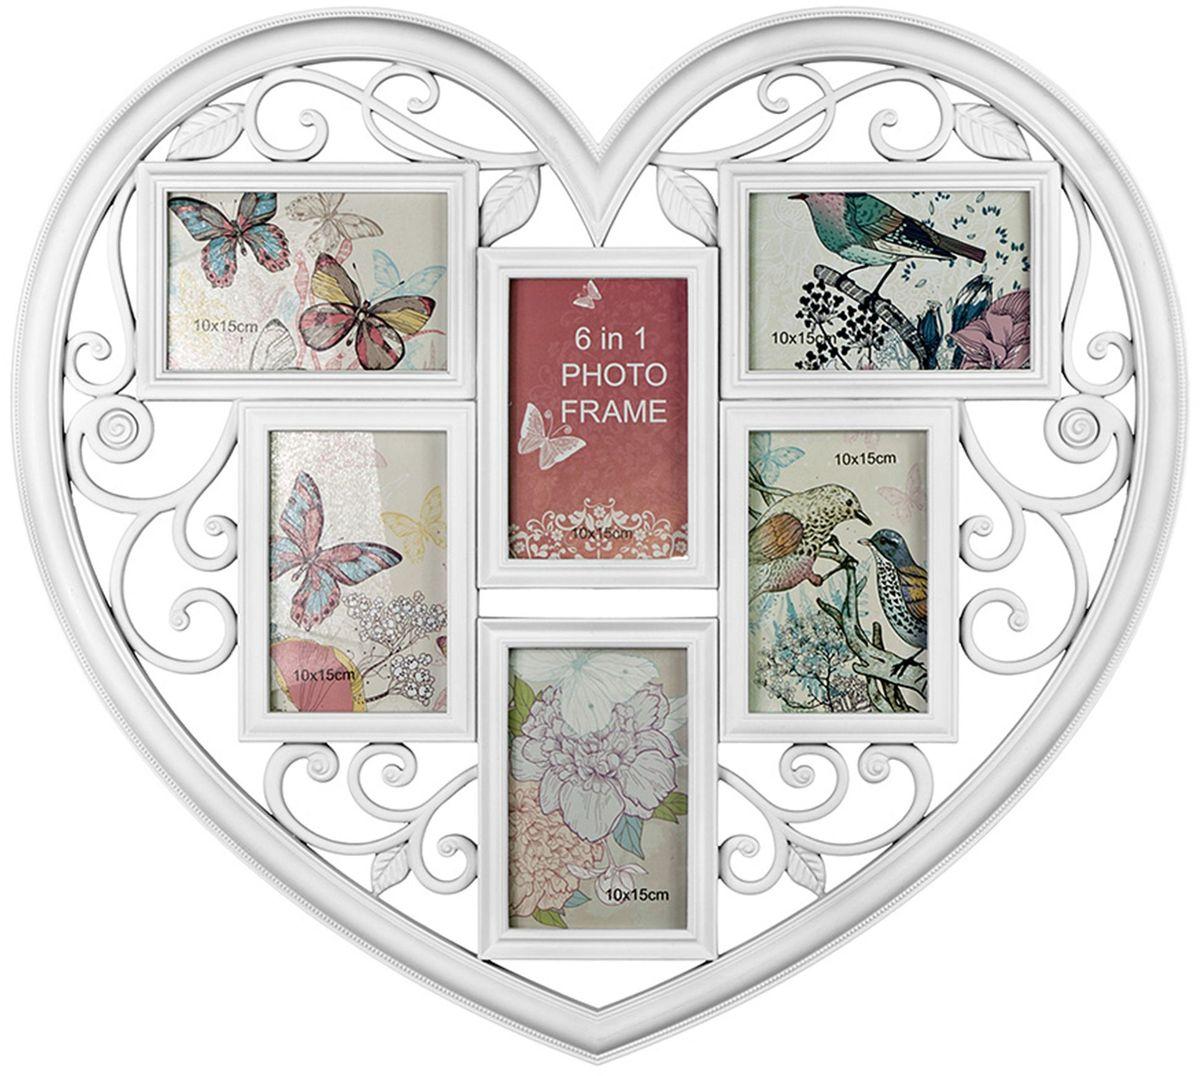 Фоторамка Platinum Сердце, цвет: белый, на 6 фото, 10 х 15 см. BIN-1123026